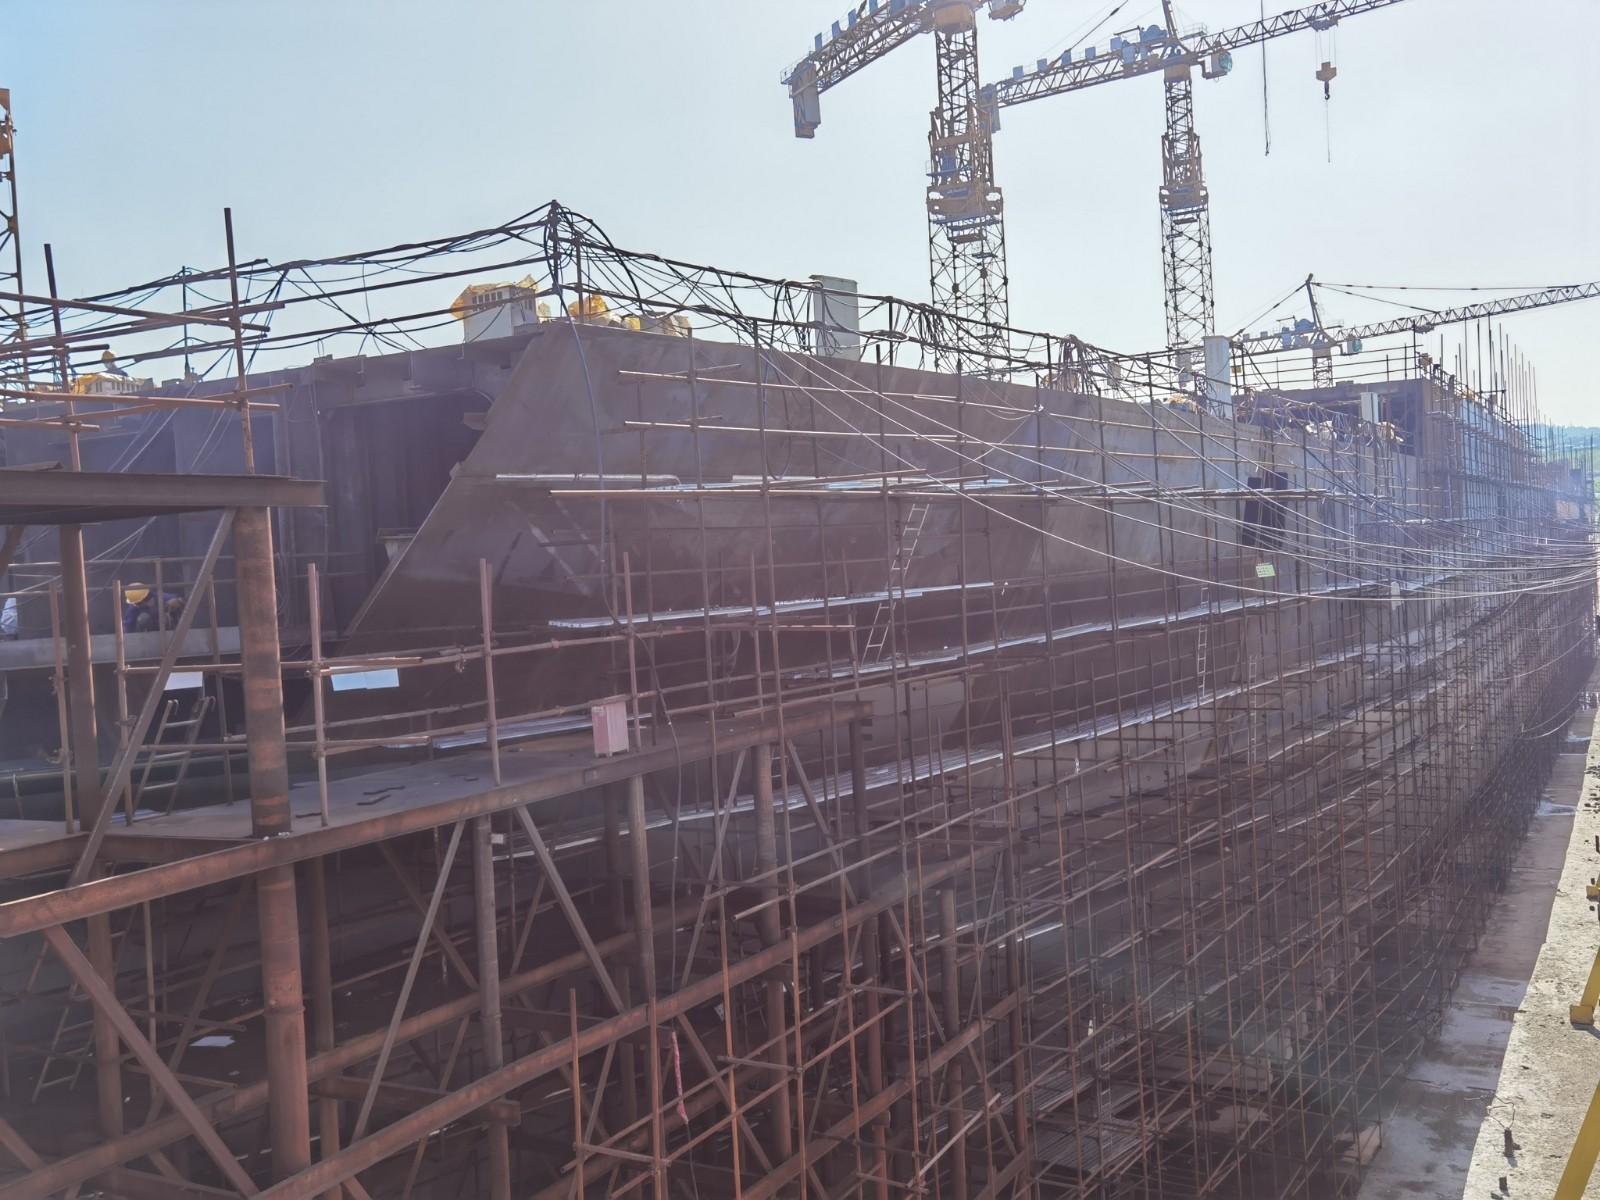 L'incroyable projet de réplique du Titanic à échelle 1:1 - Chine 1596437950316756